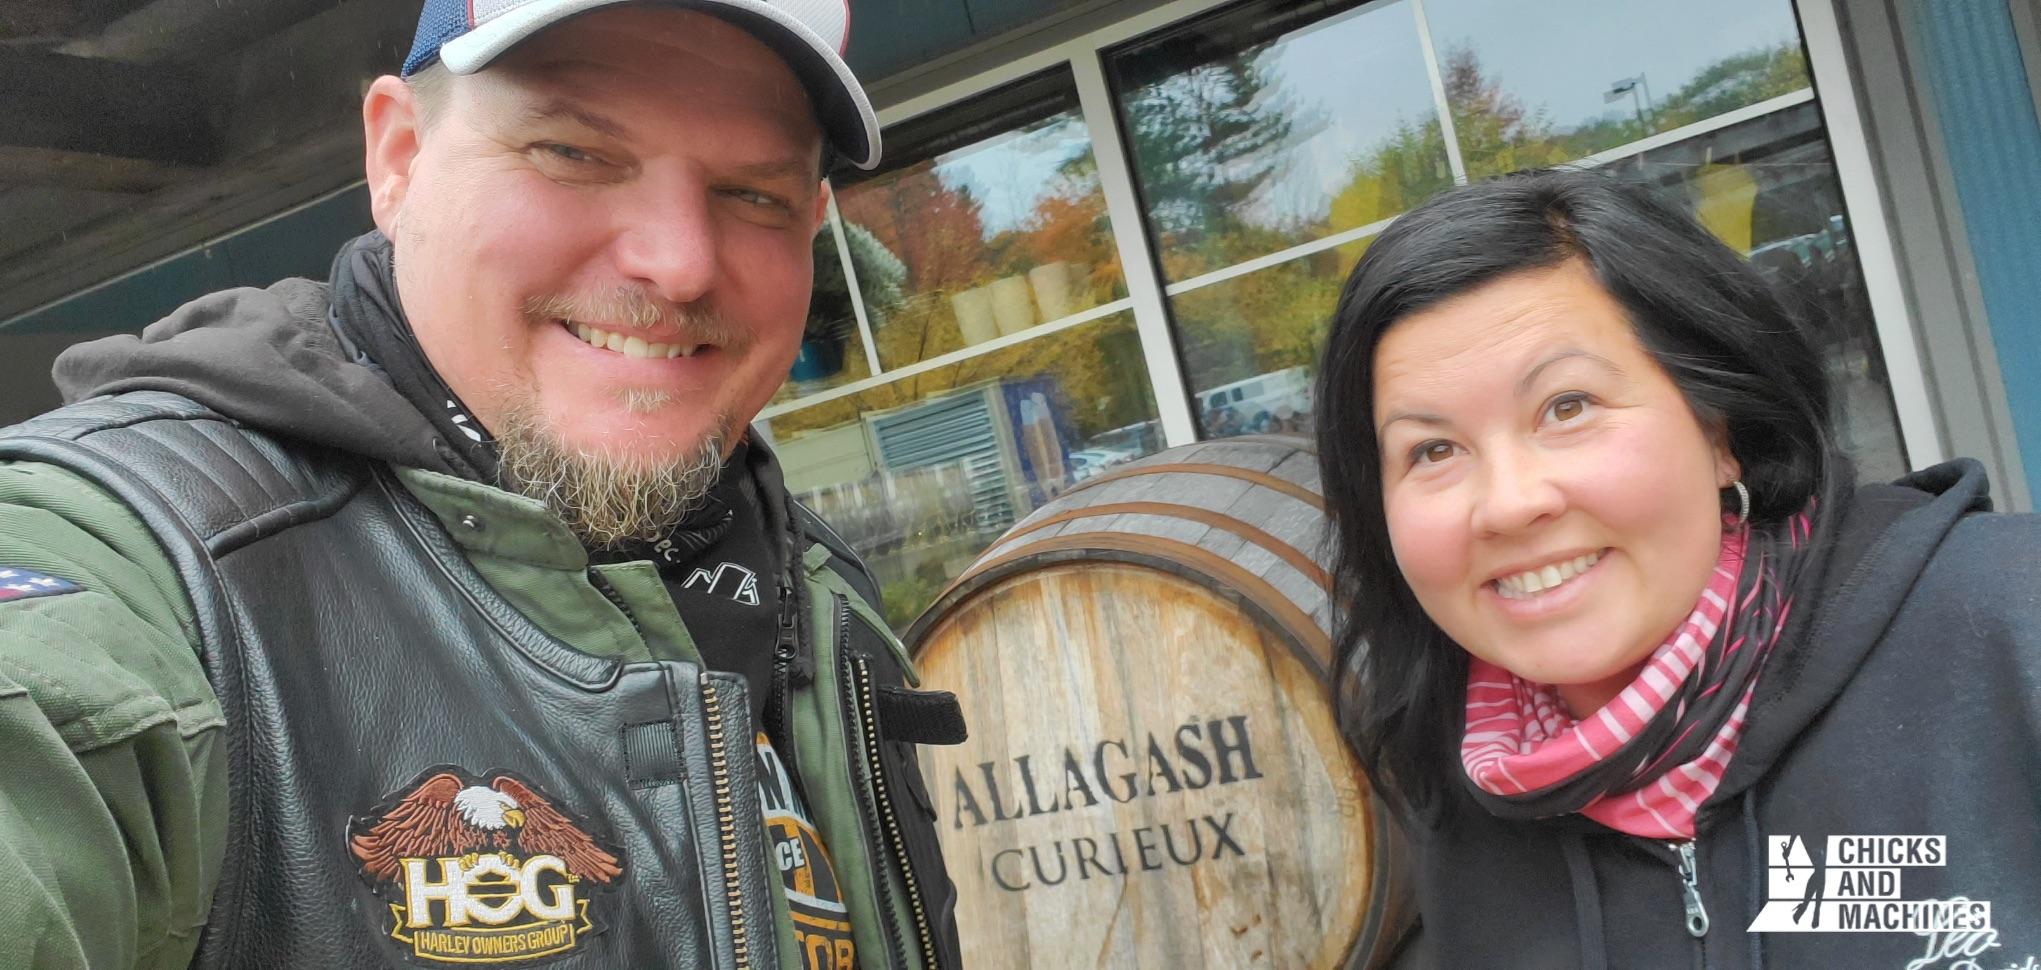 Annie et son conjoint à la célèbre brasserie Allagash.